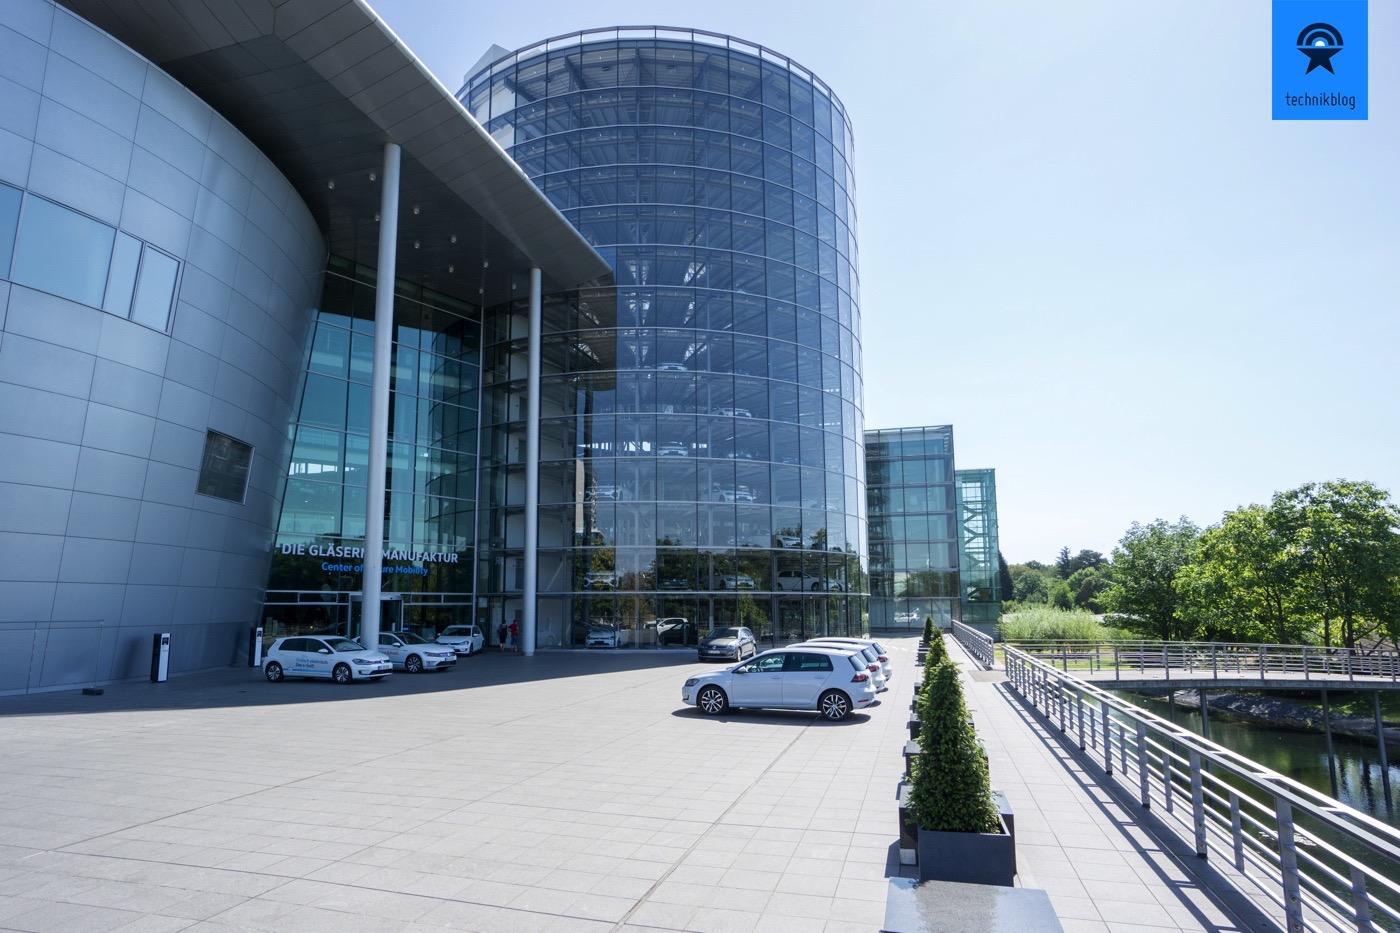 Center of future Mobility und der grosse Abholungsturm für Kunden